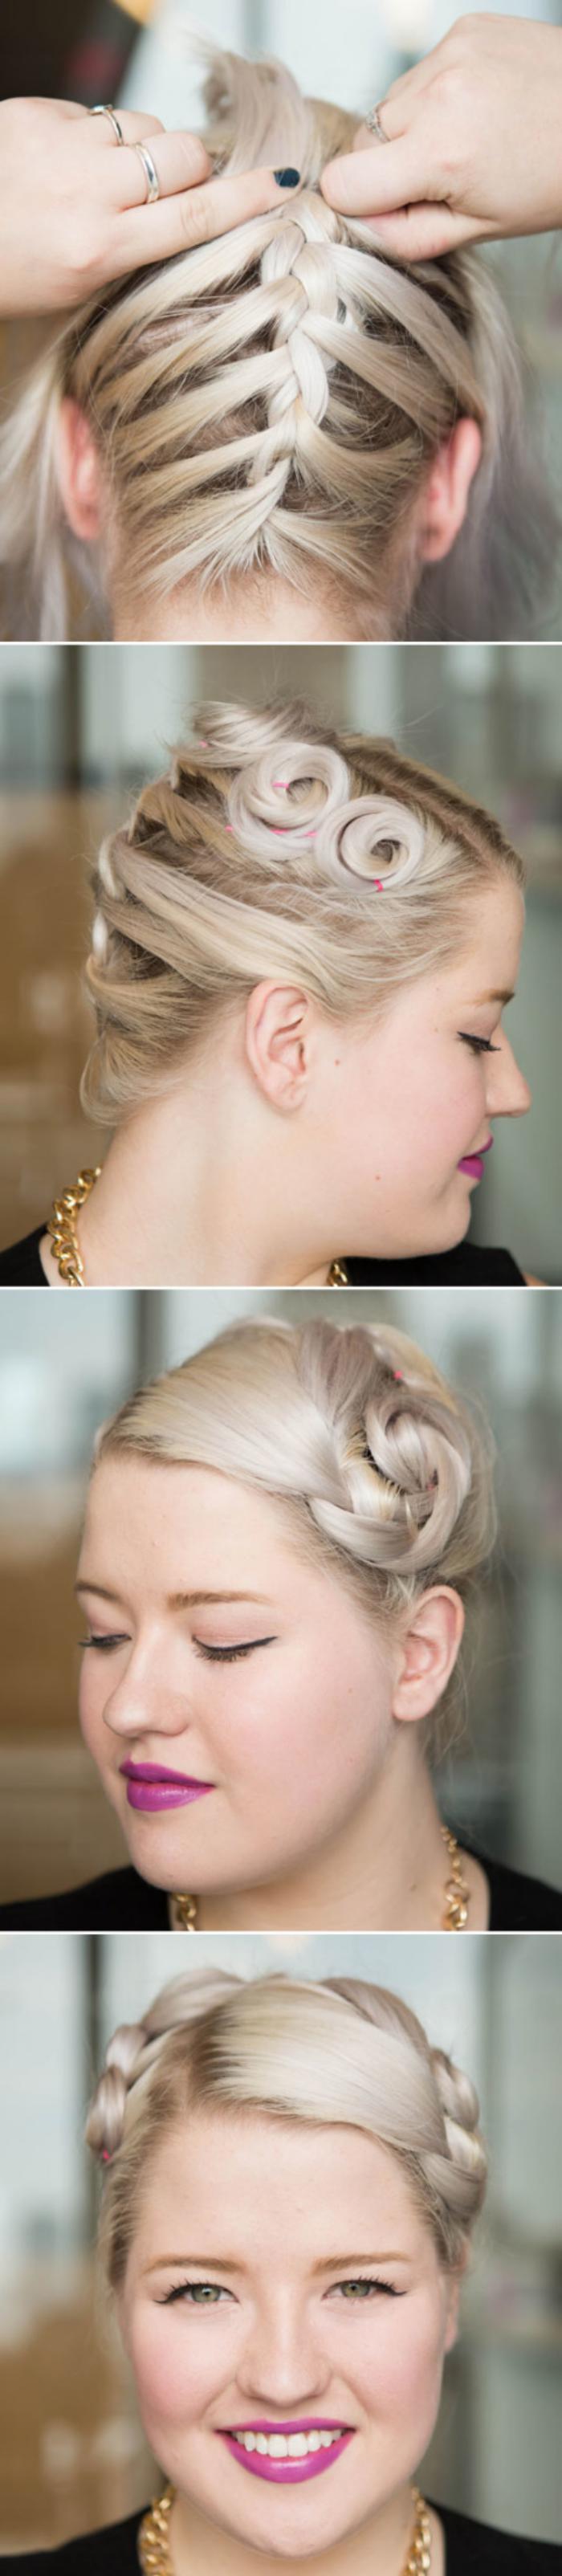 coiffure-originale-belle-coiffure-cheveux-longs